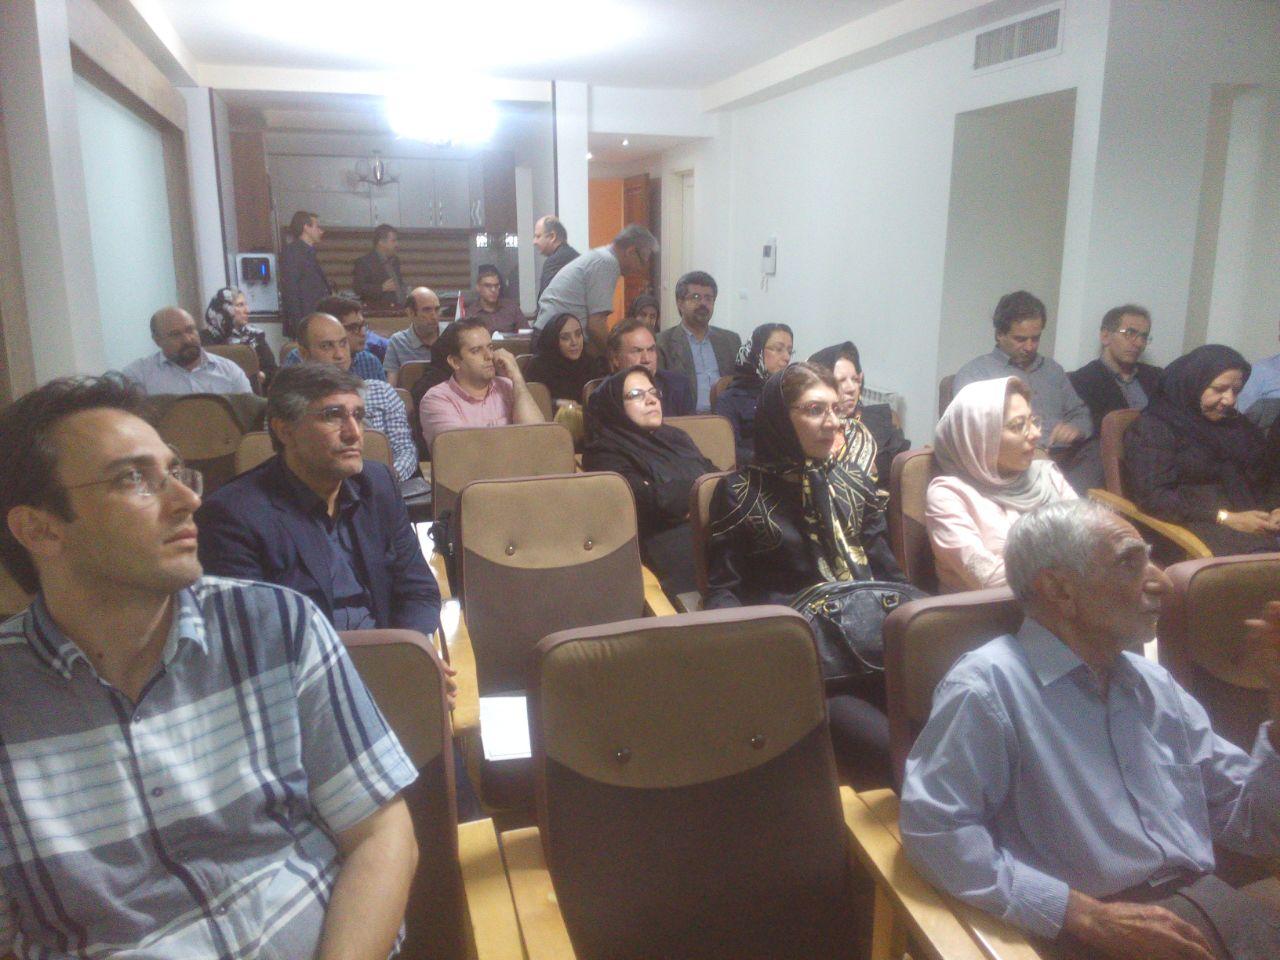 کنفرانس  علمی آنمی های اتوایمیون